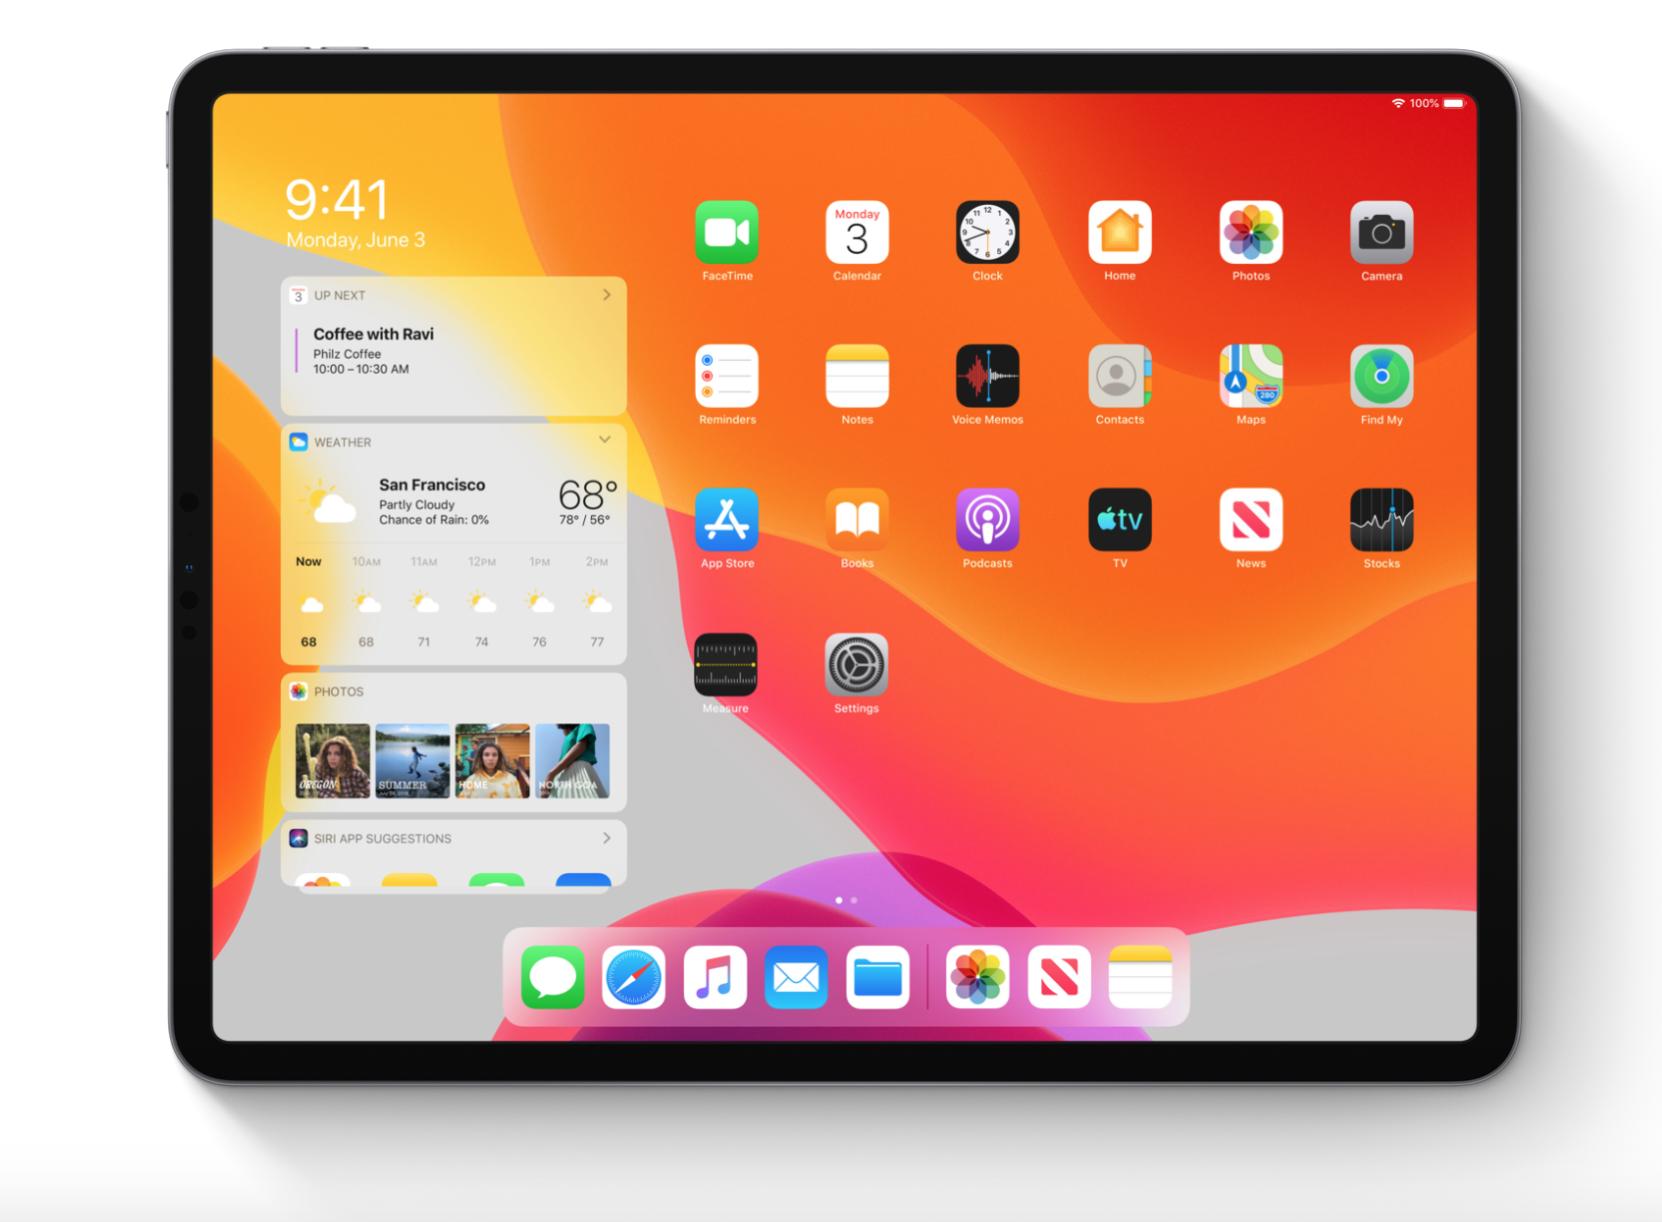 http://thedigitalstory.com/2019/06/11/iPadOS-display.png